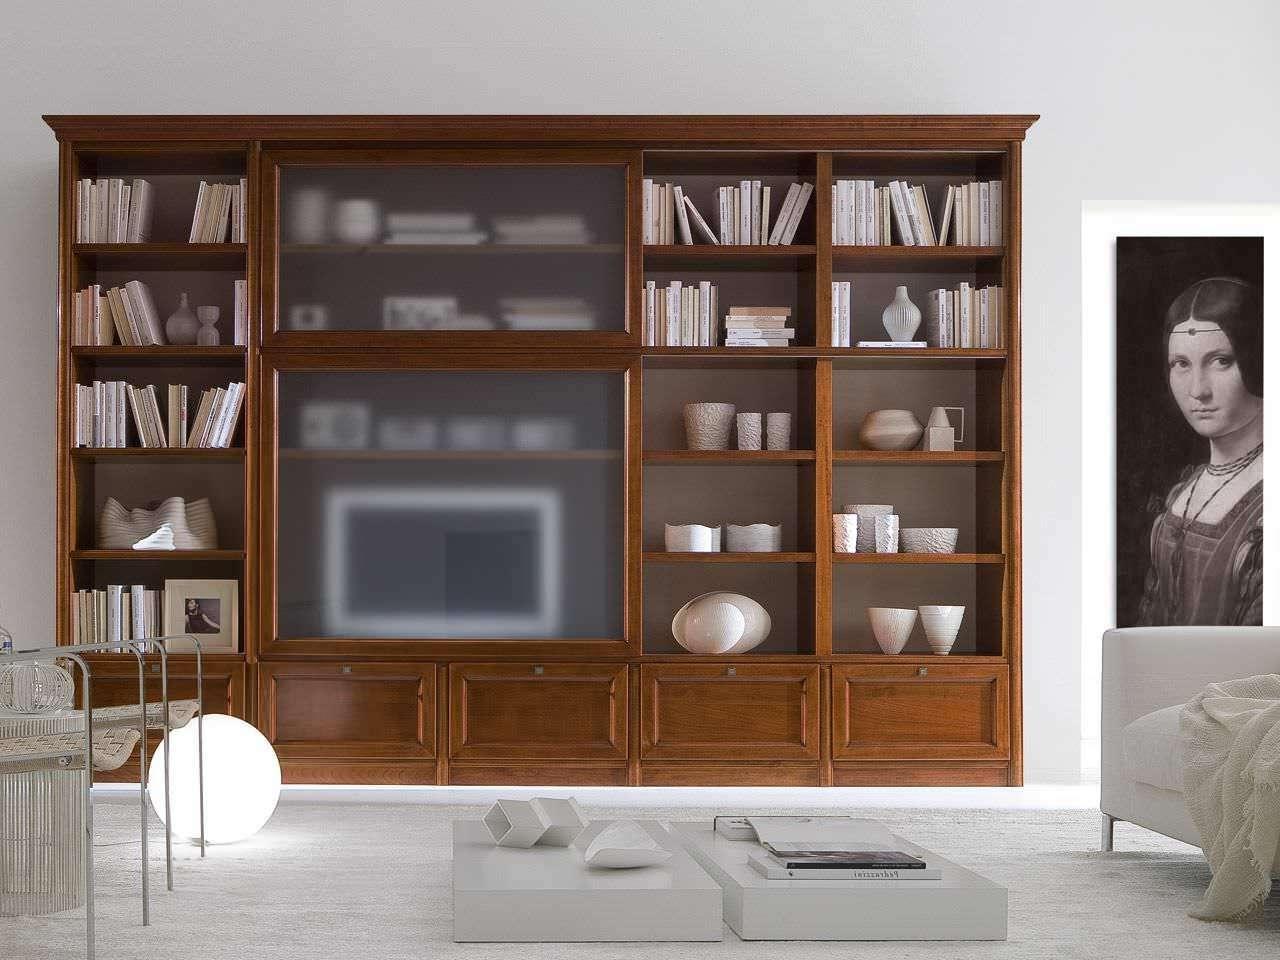 Traditional Tv Cabinet / Wooden – Livingpierangelo Sciuto Pertaining To Traditional Tv Cabinets (View 4 of 20)